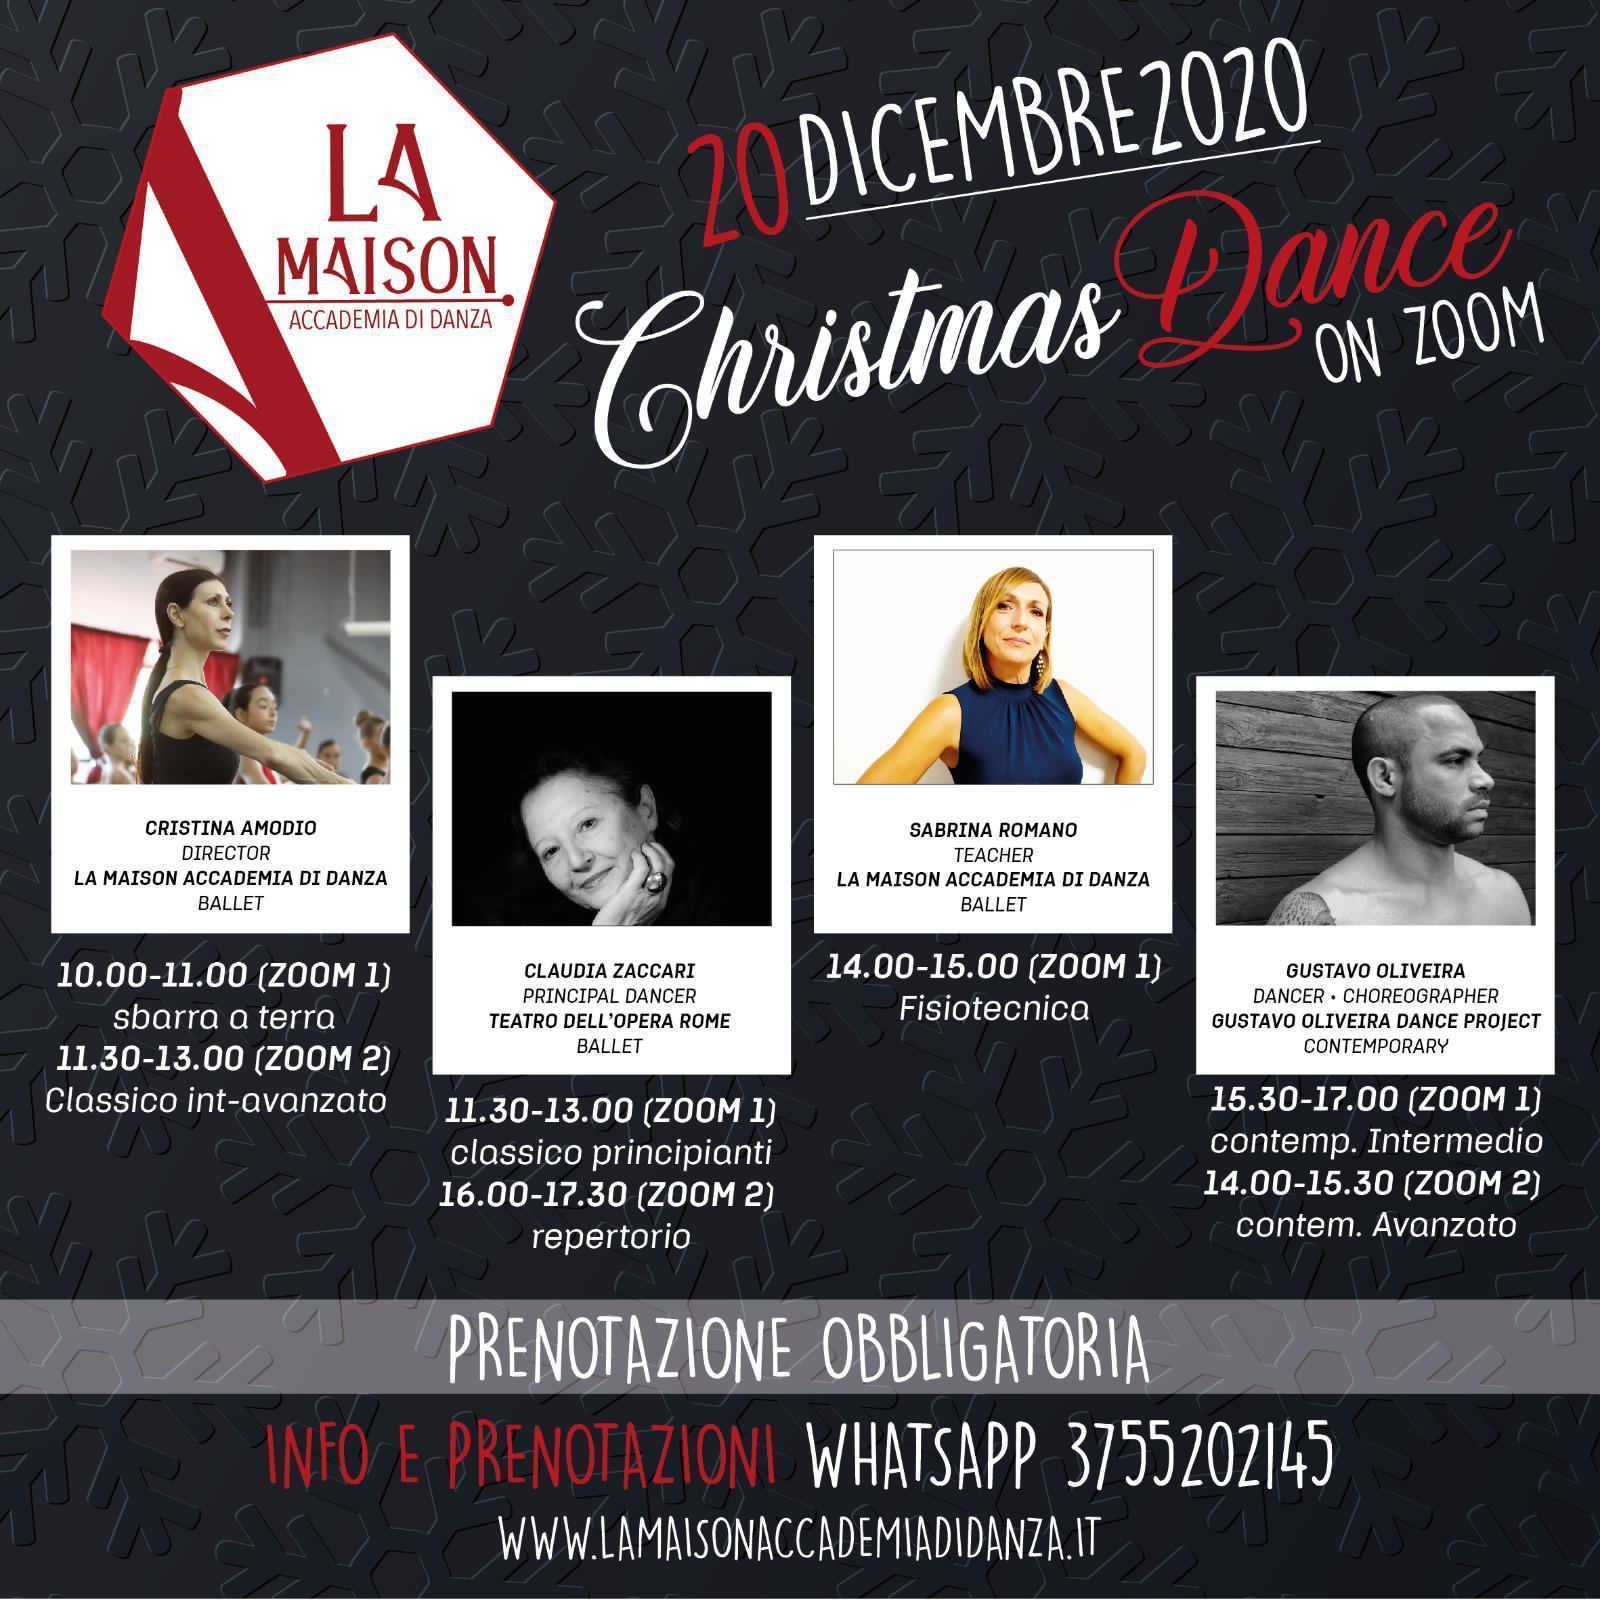 CHRISTMAS DANCE LA MAISON ACCADEMIA DI DANZA DI ROMA